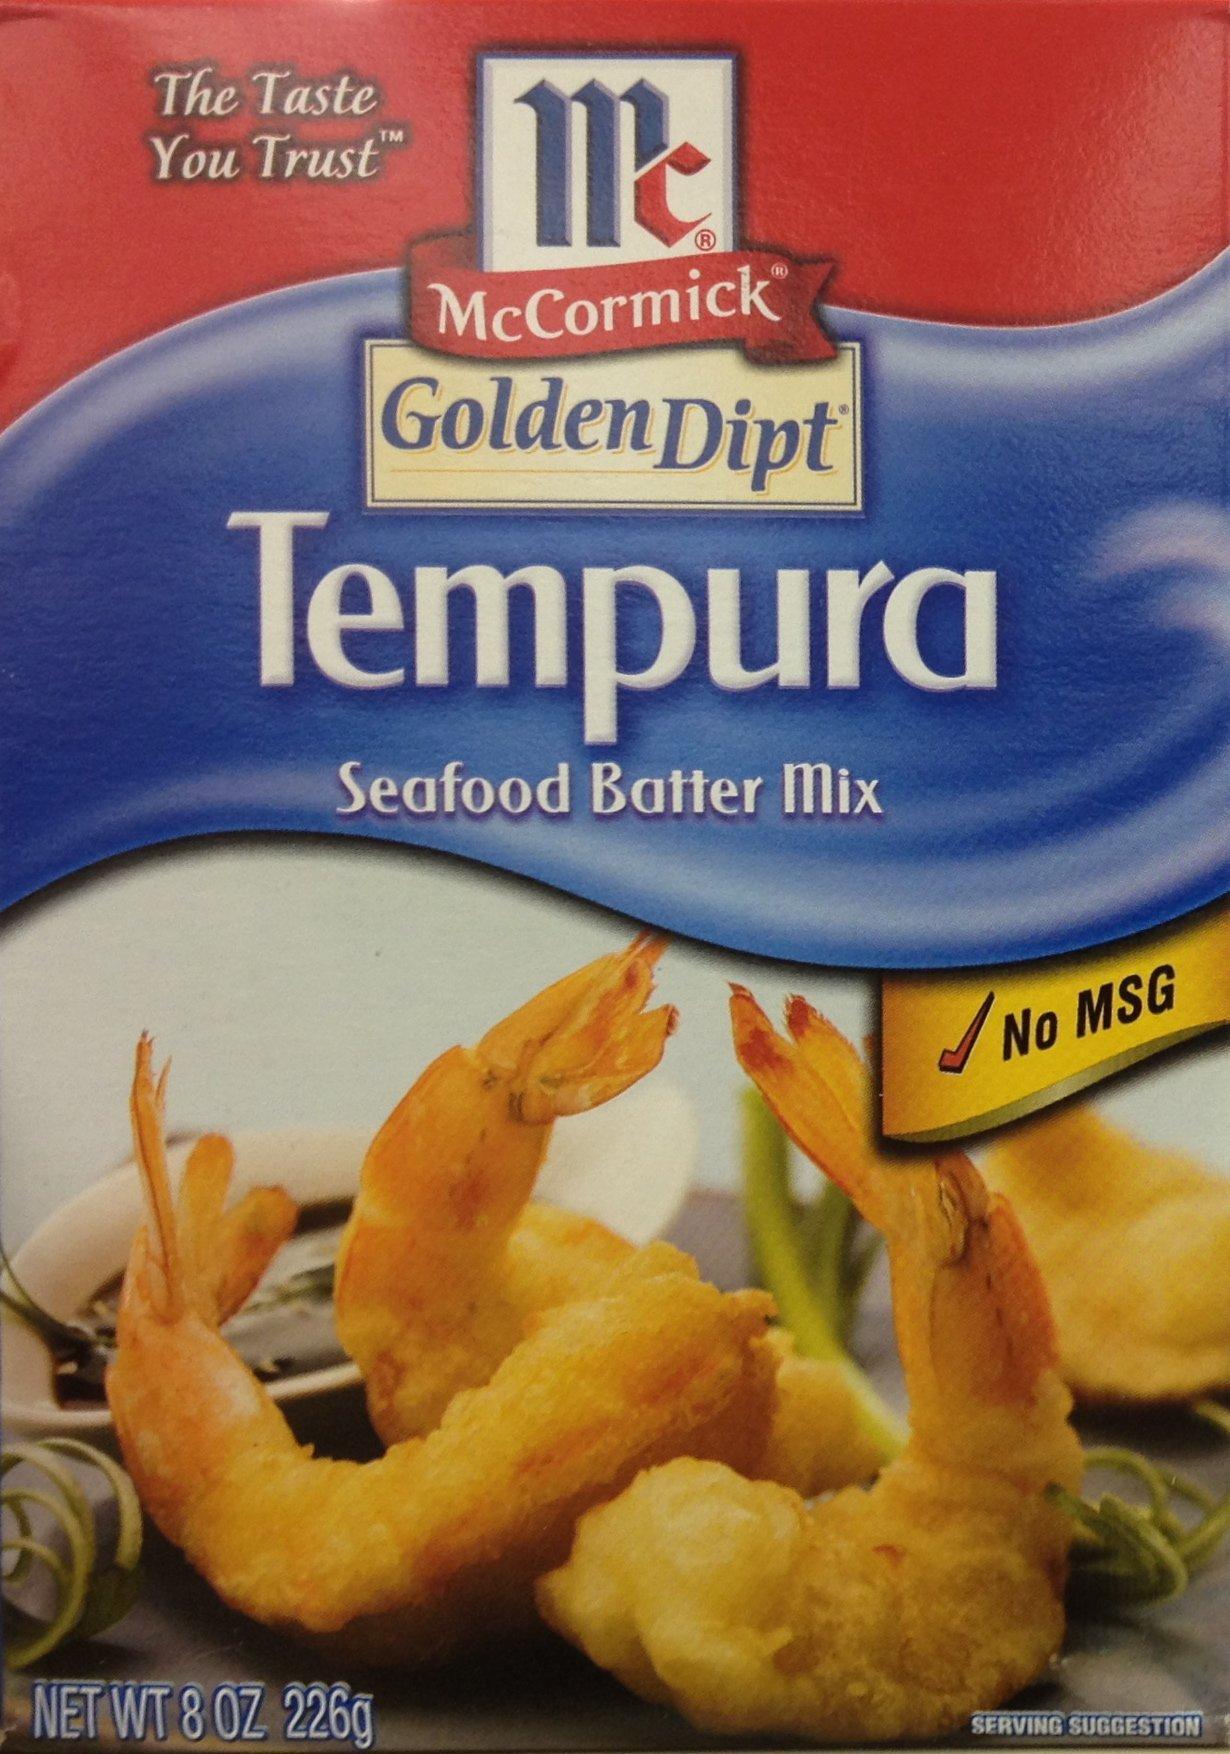 Golden Dipt Mix Fry Batter Tempura